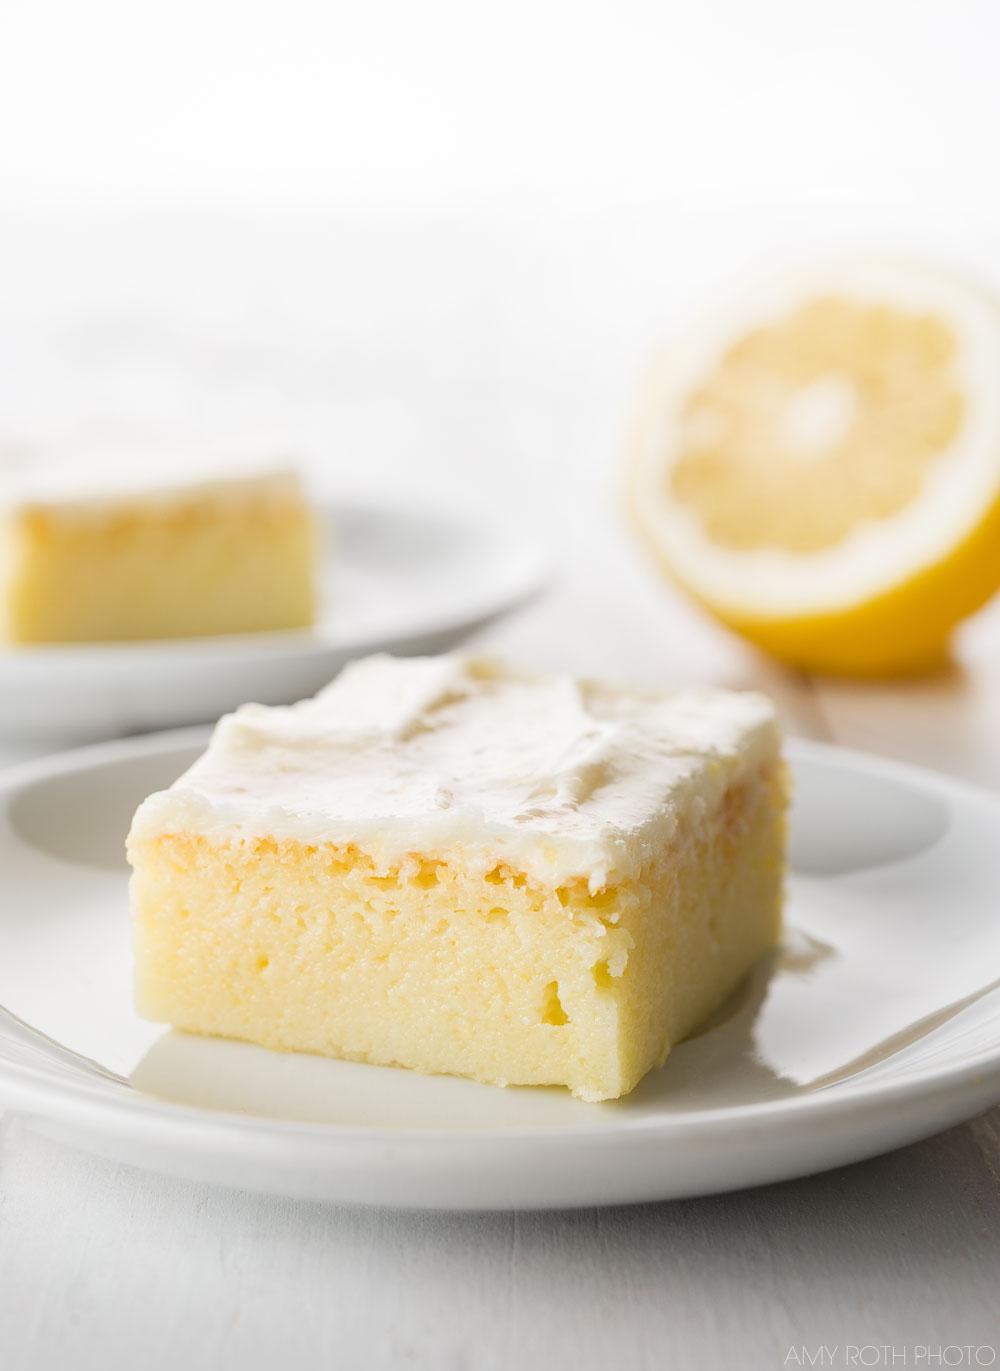 Gluten-Free Lemon Cake | Minimally Invasive